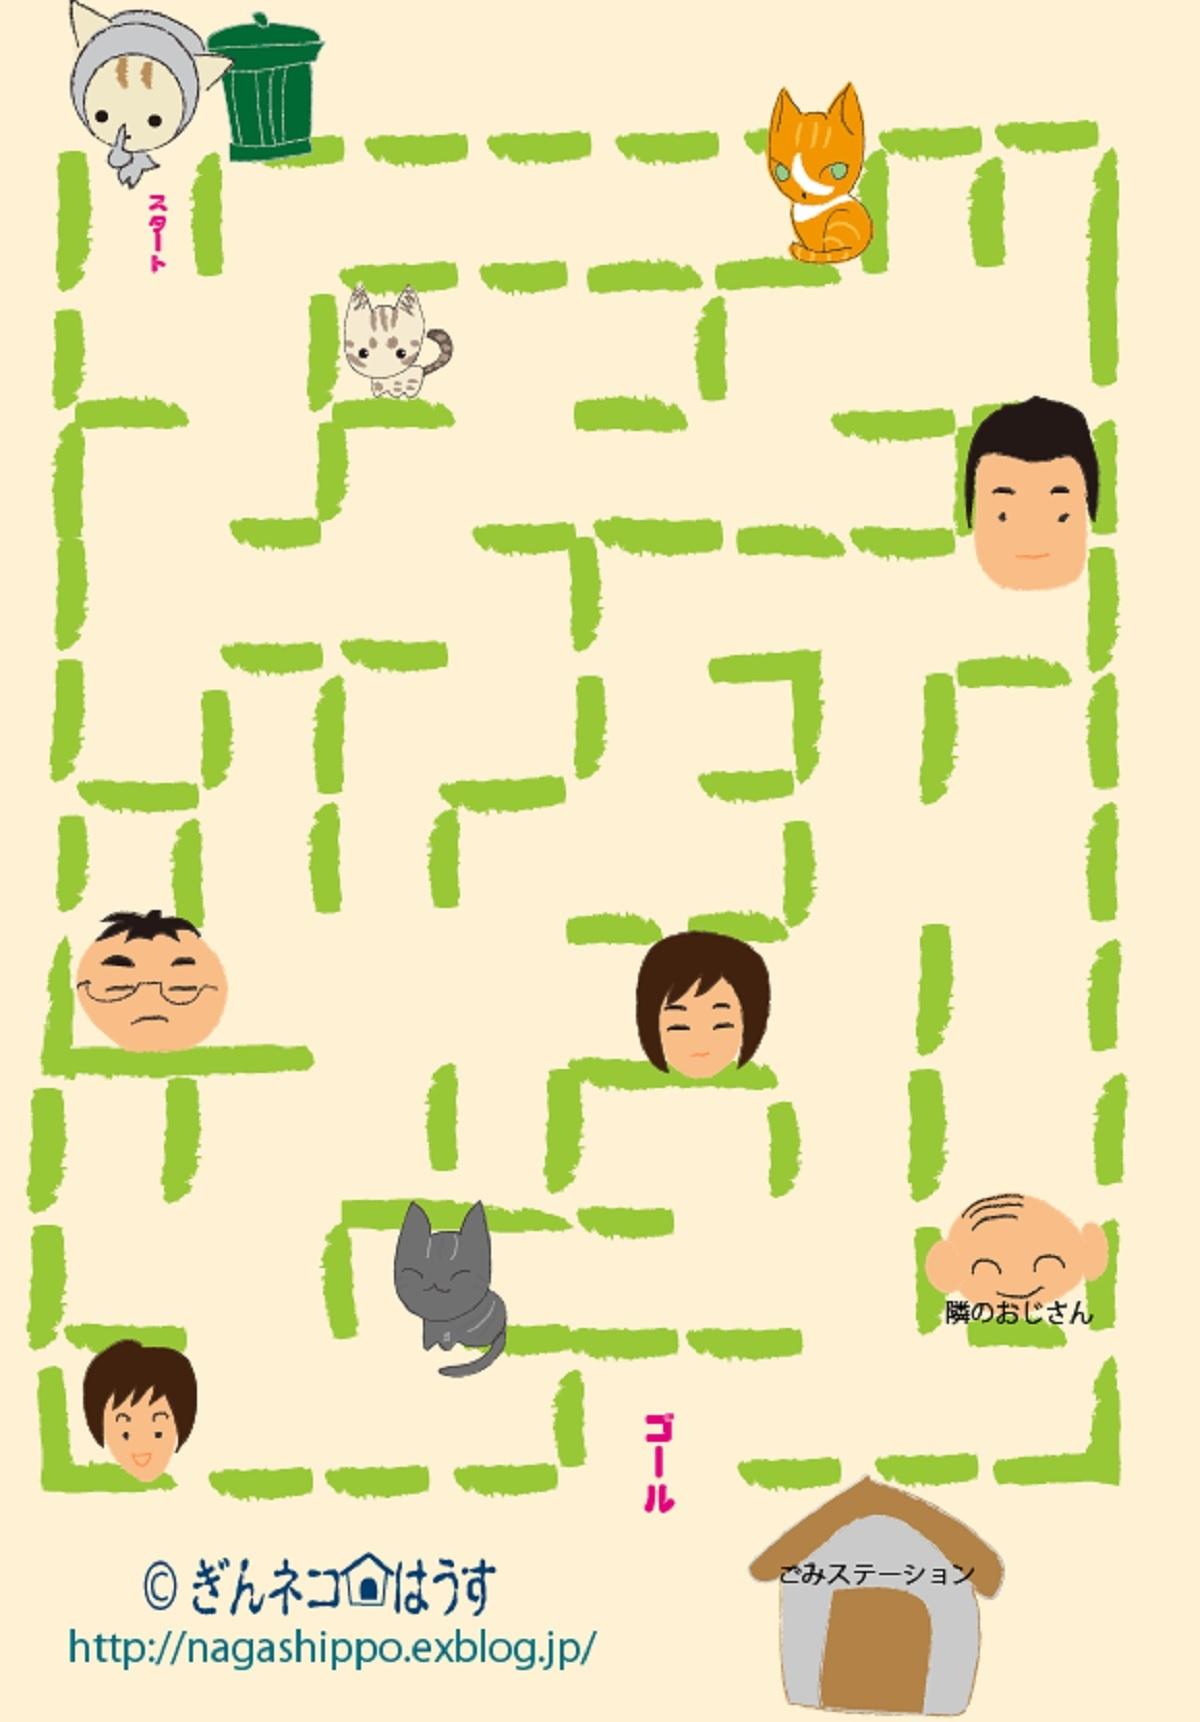 迷路で遊ぼう秋バージョン_a0333195_06432208.jpg